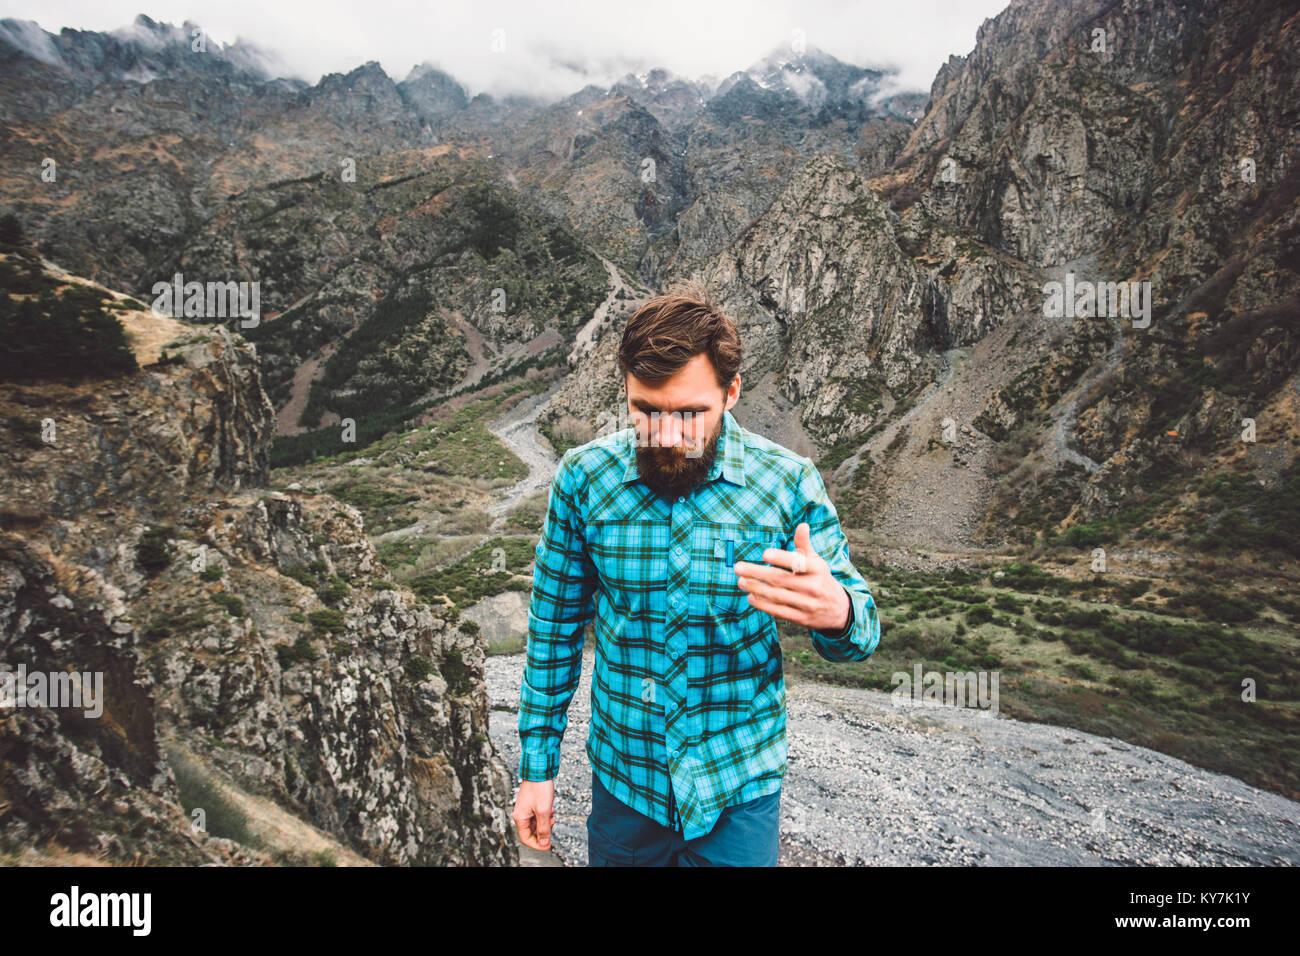 Bärtiger Mann zu Fuß in die Berge reisen Abenteuer lifestyle Konzept aktiven Wochenende Sommer Ferien Stockbild